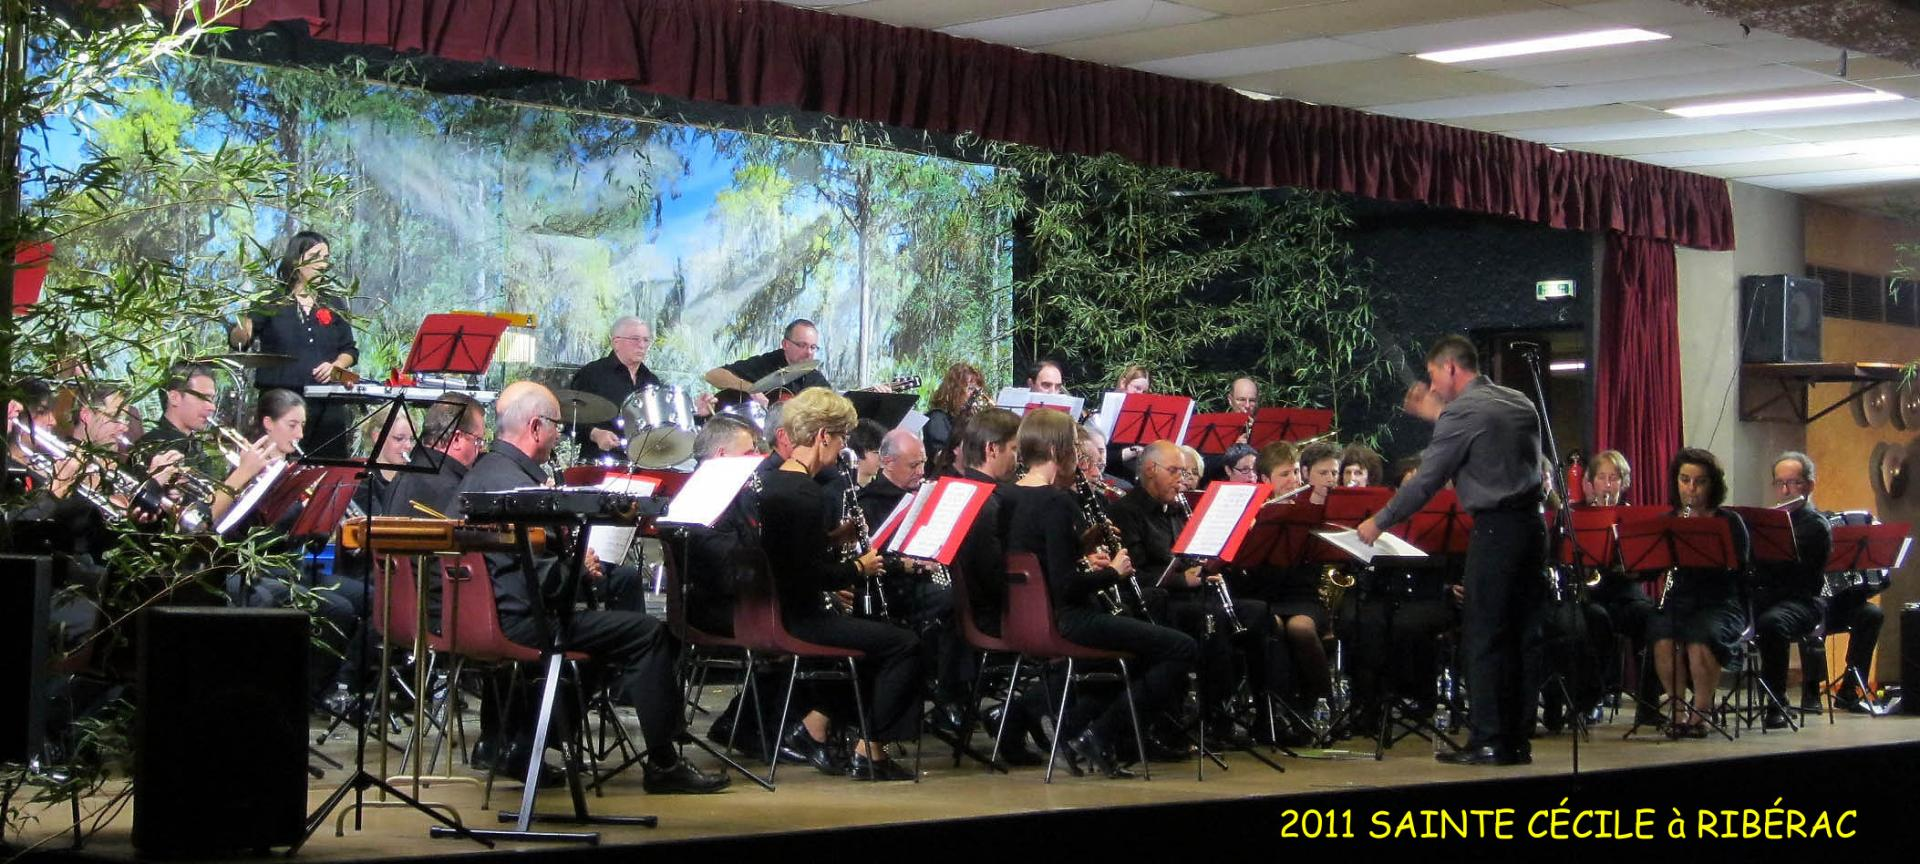 2011 12 sainte cecile 1